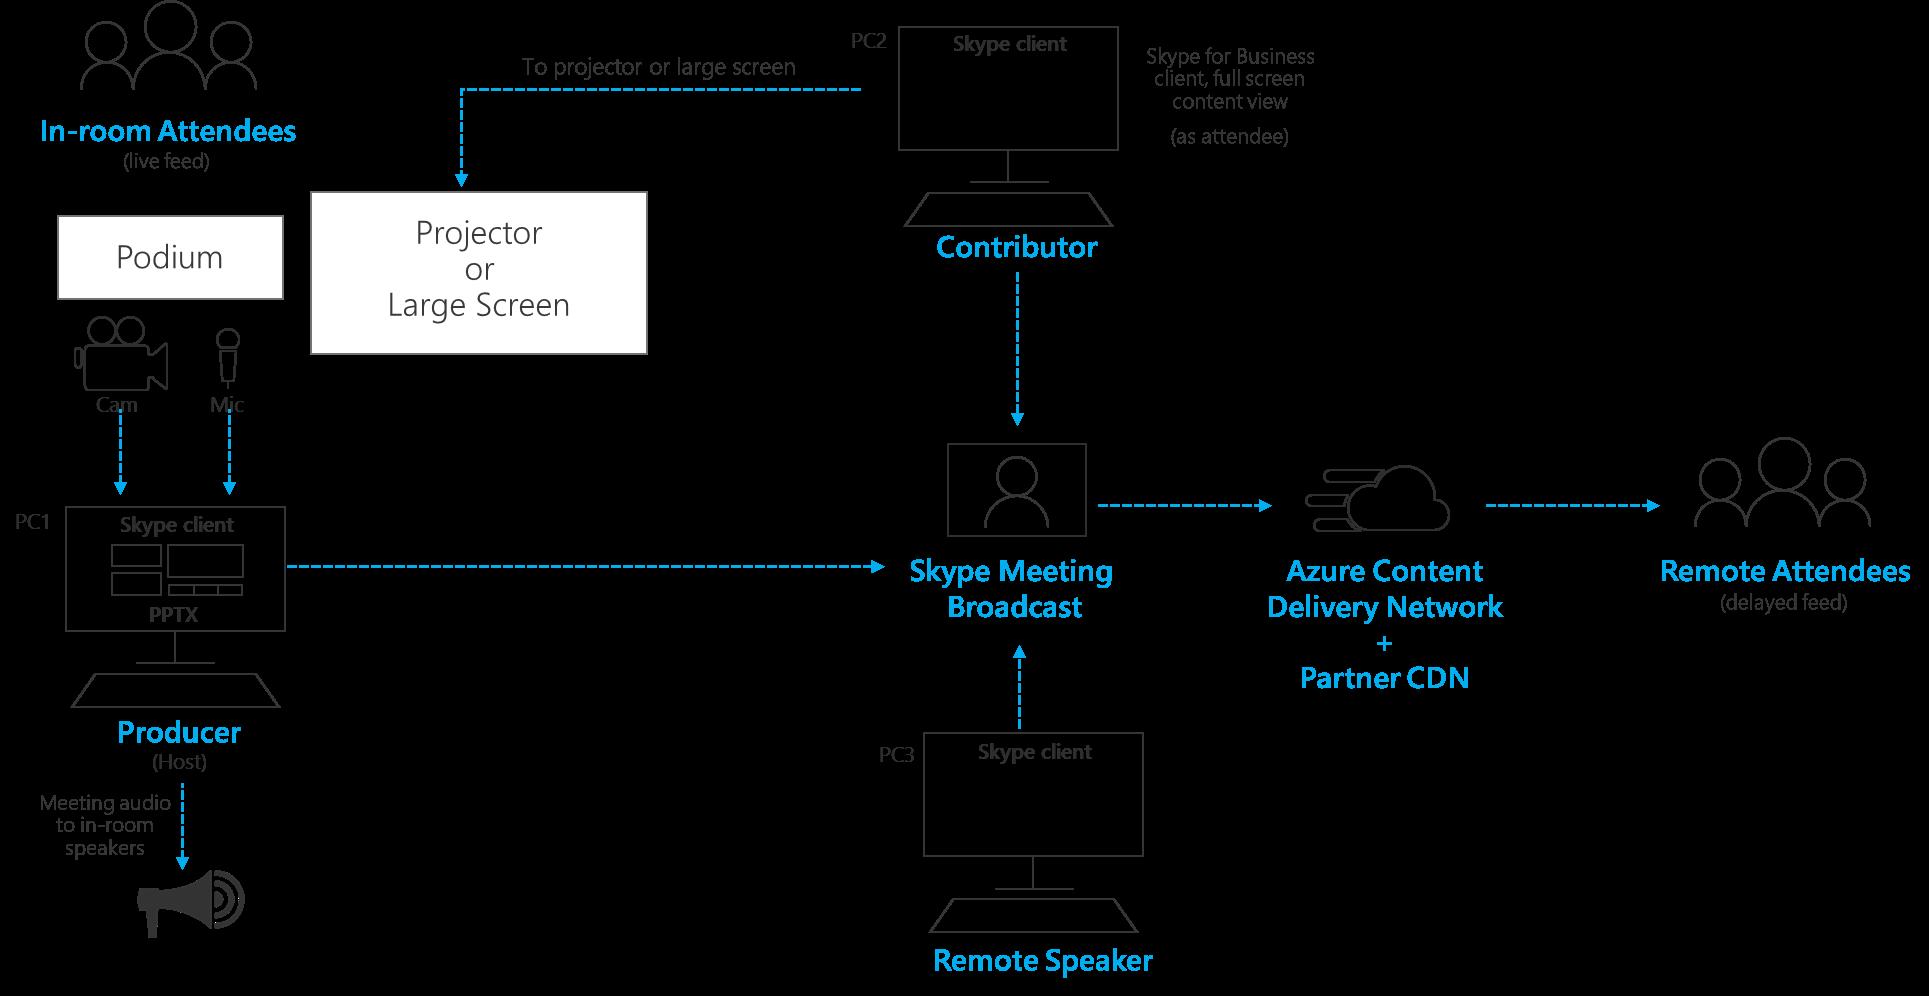 Verwalten von remote Chatrooms und auditoria